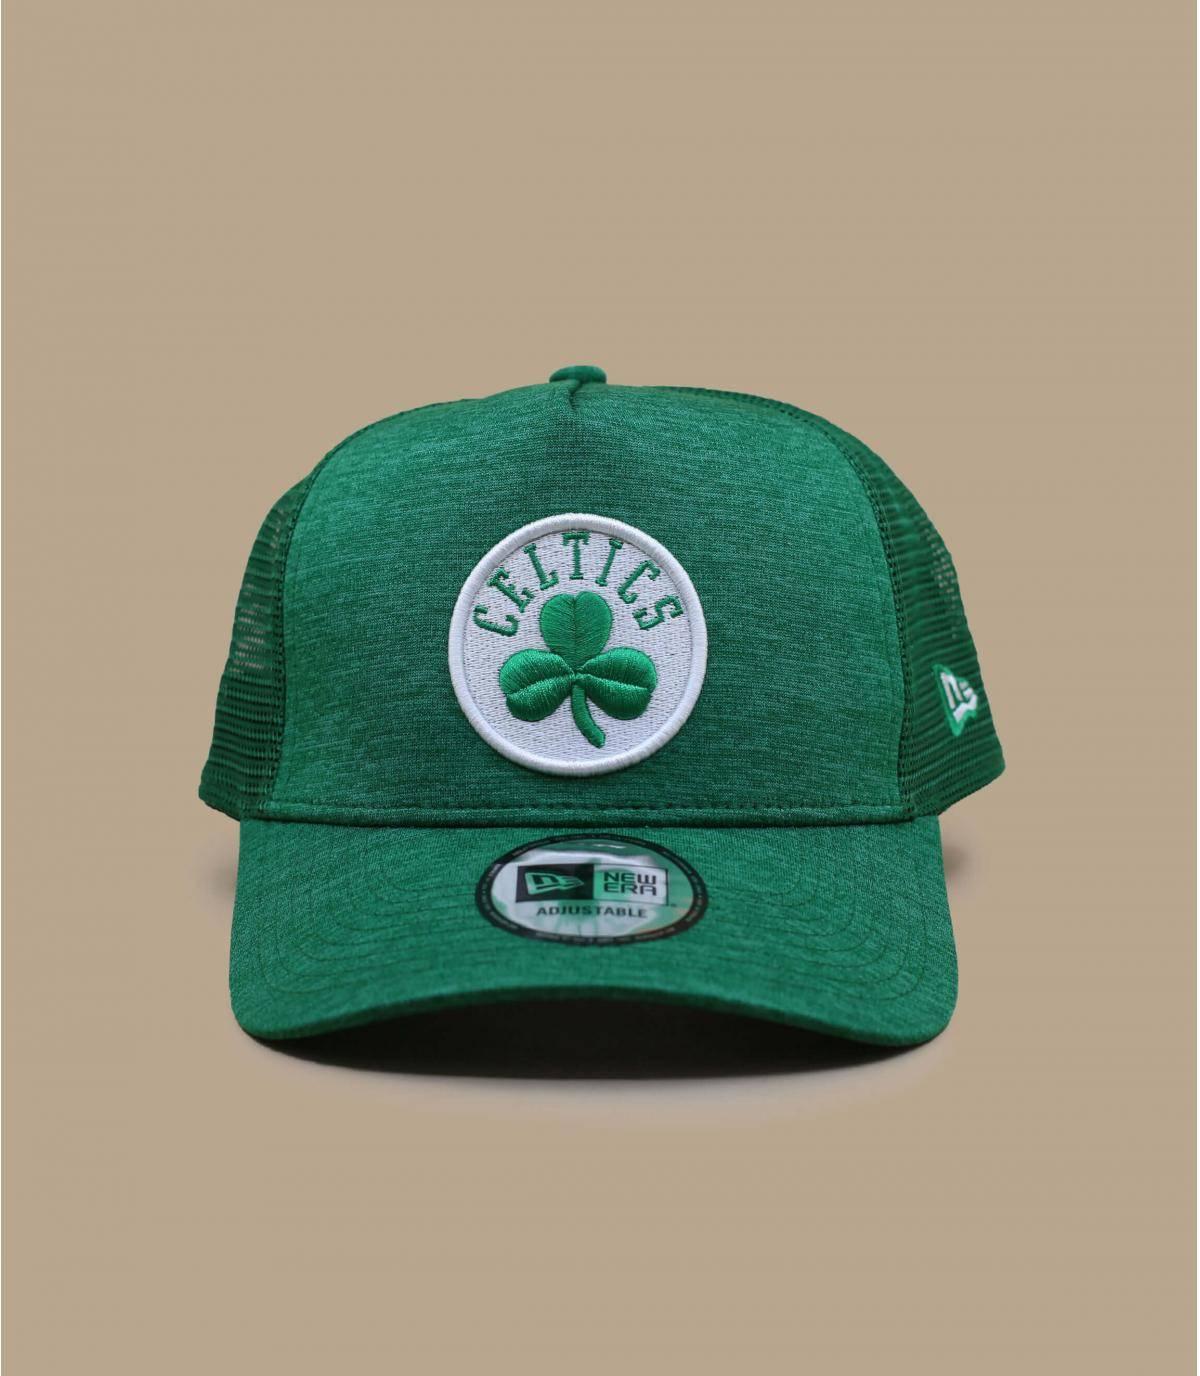 Détails Trucker Shadown Tech Celtics - image 2